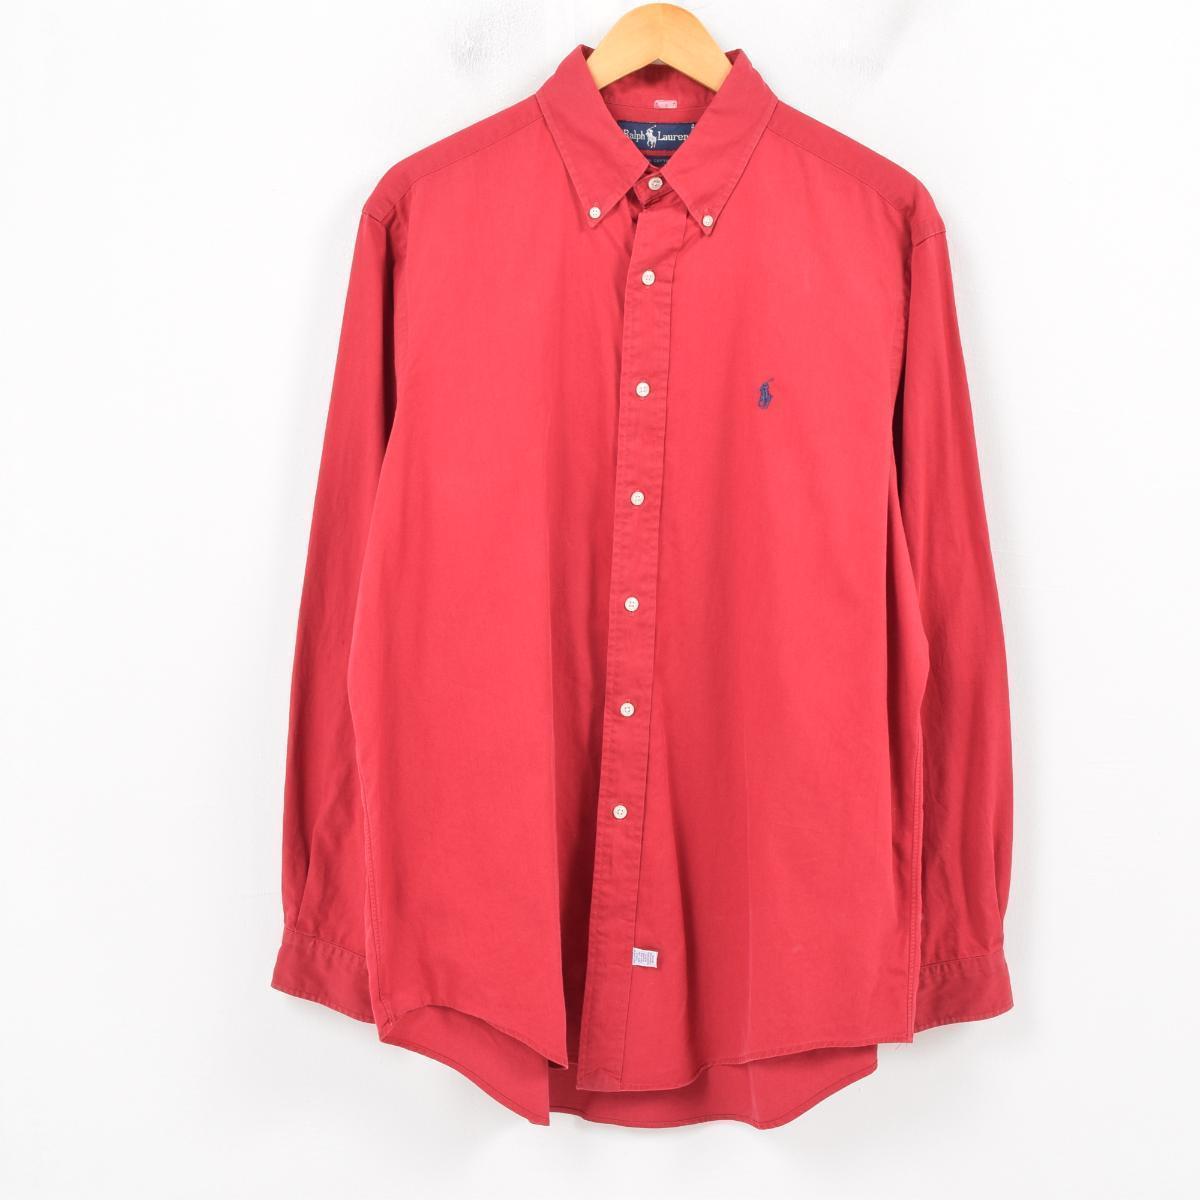 ラルフローレン Ralph Lauren 長袖 ボタンダウンシャツ メンズL /wav0437 【中古】 【181009】